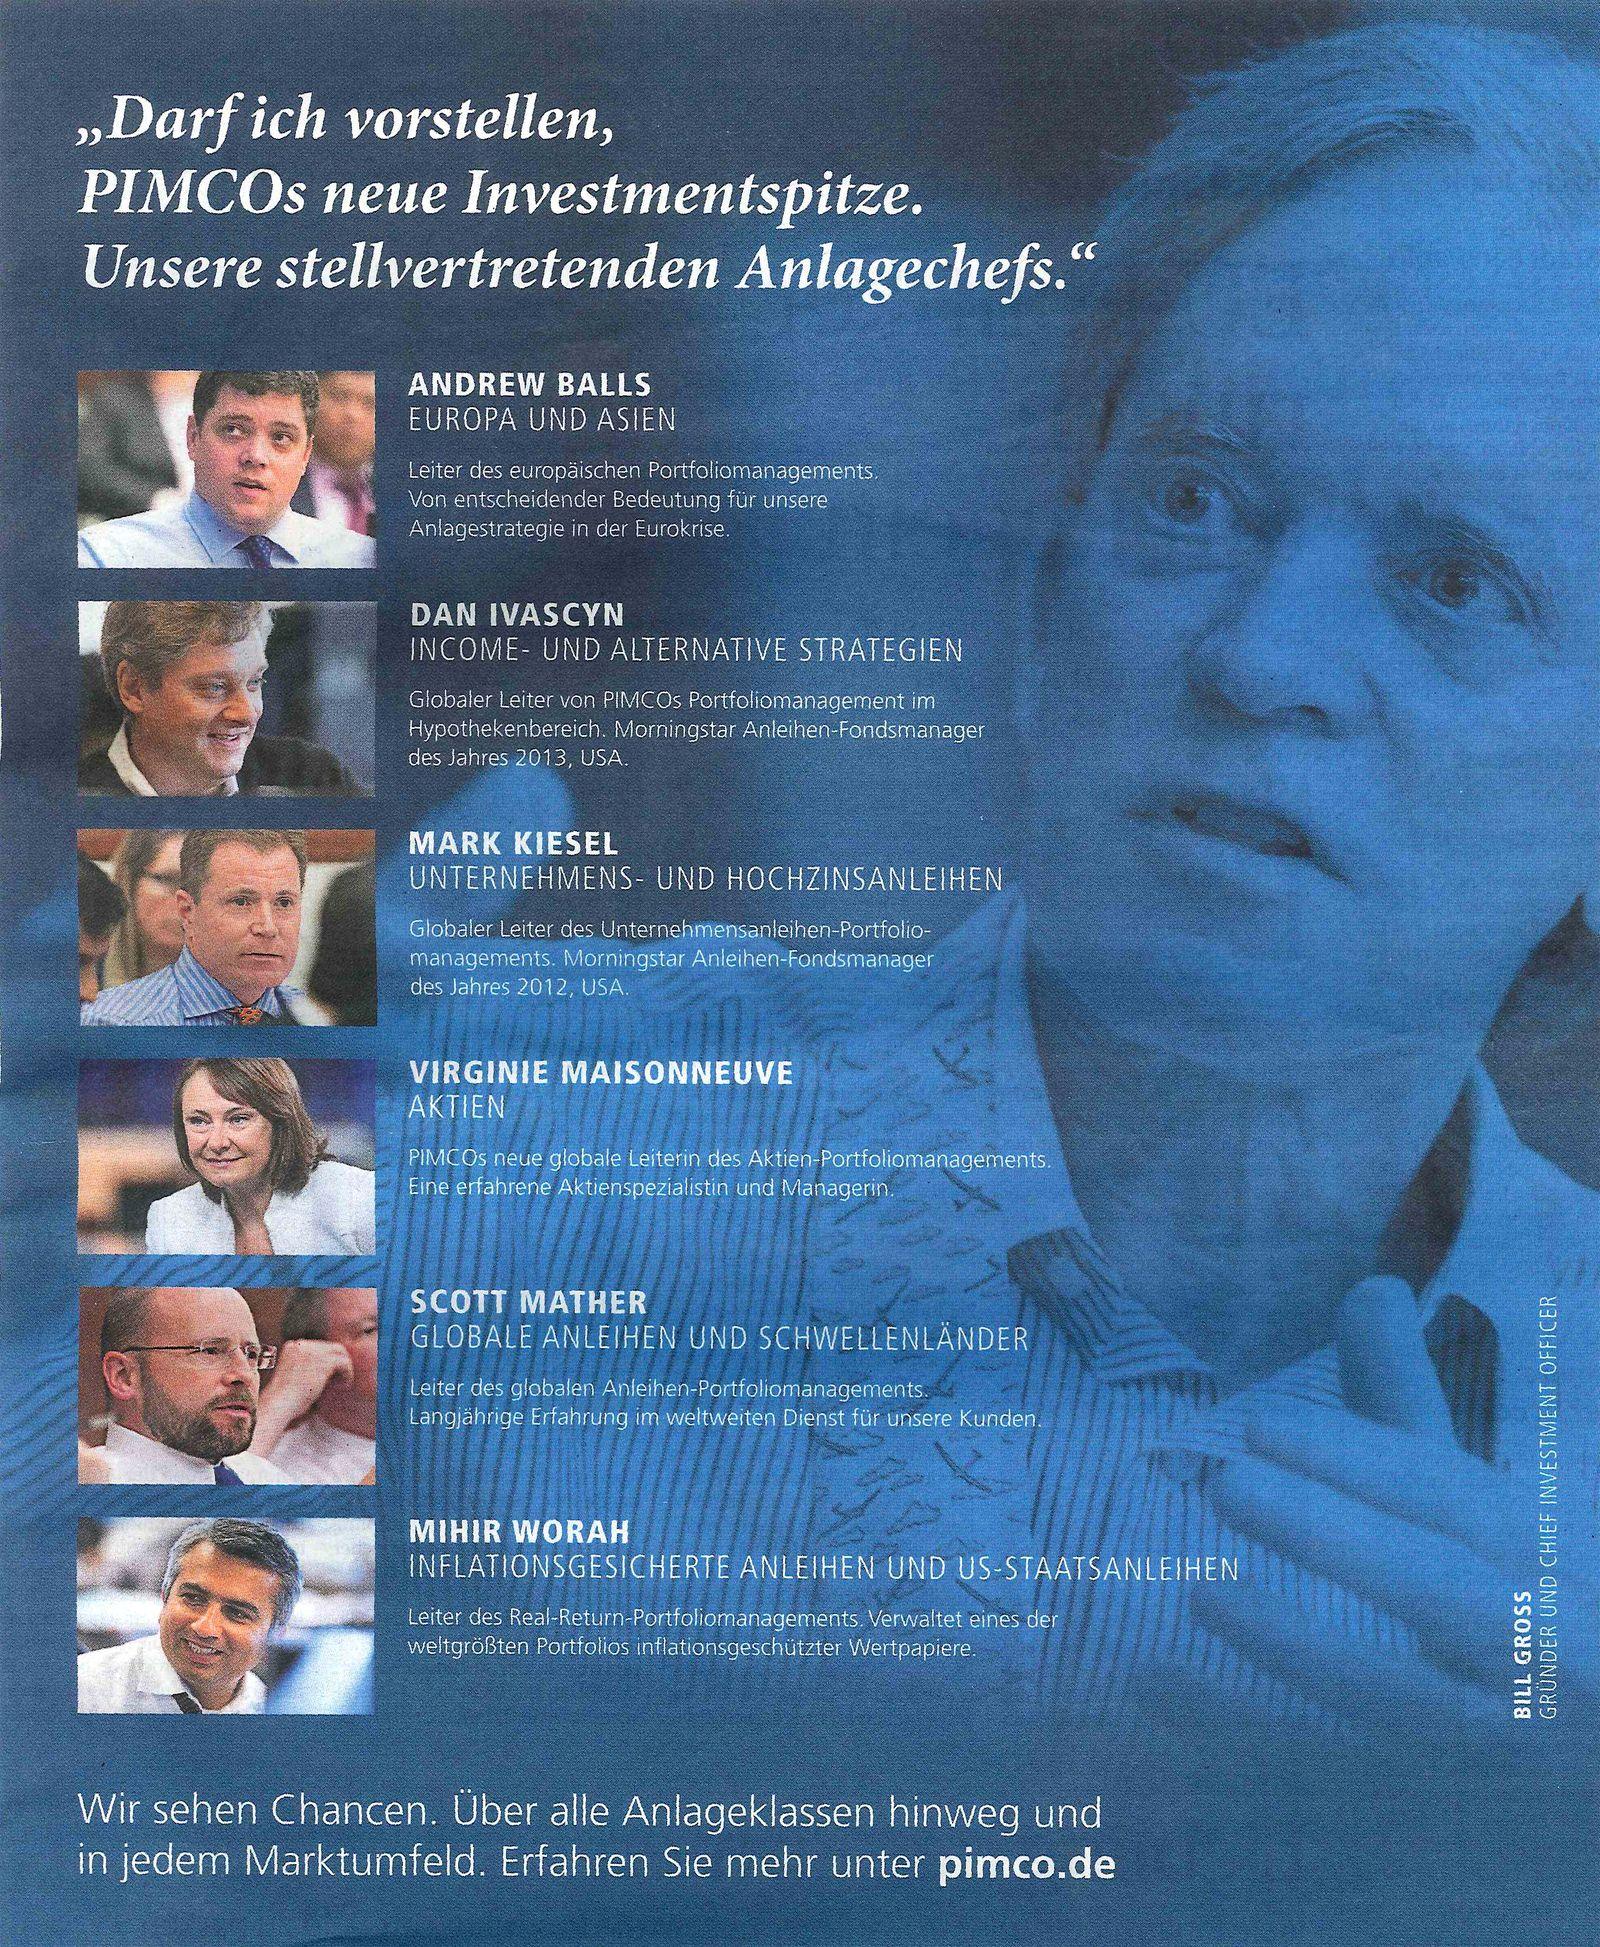 EINMALIGE VERWENDUNG PIMCO Anzeige aus dem Handelsblatt 26.02.2014